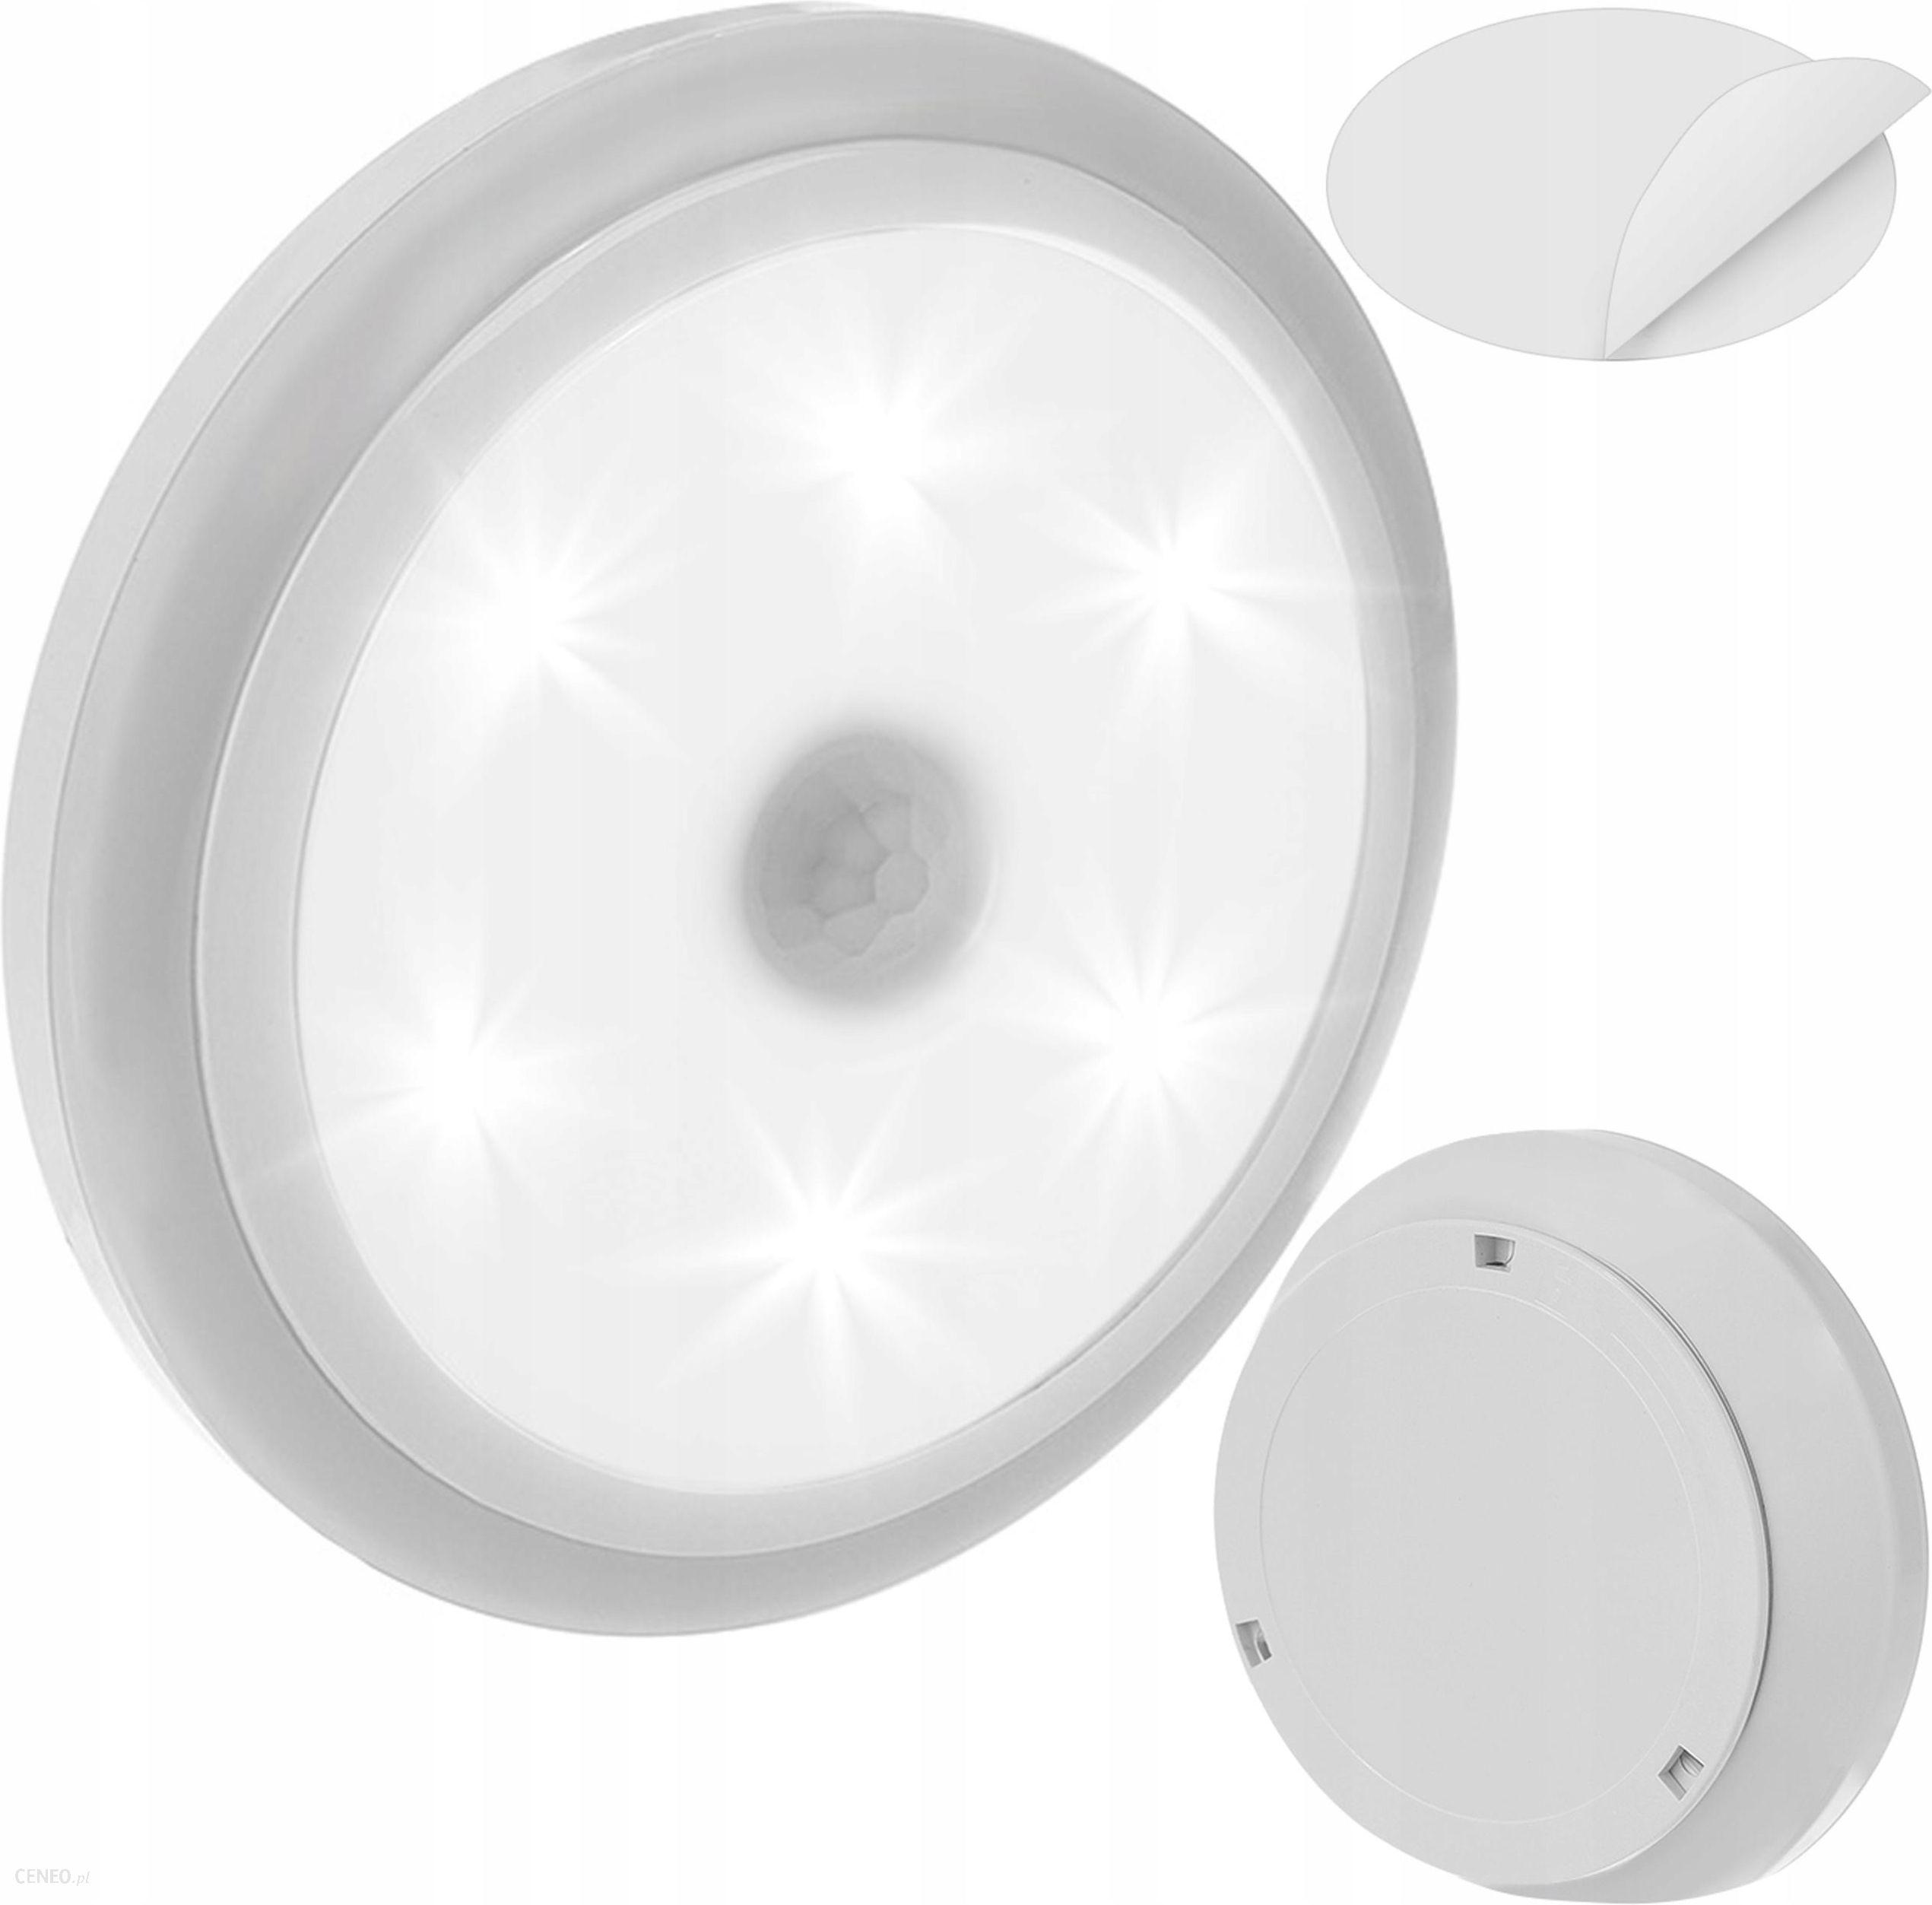 Lampka Led Z Czujnikiem Ruchu Pir Lampa Na Baterie Opinie I Atrakcyjne Ceny Na Ceneo Pl